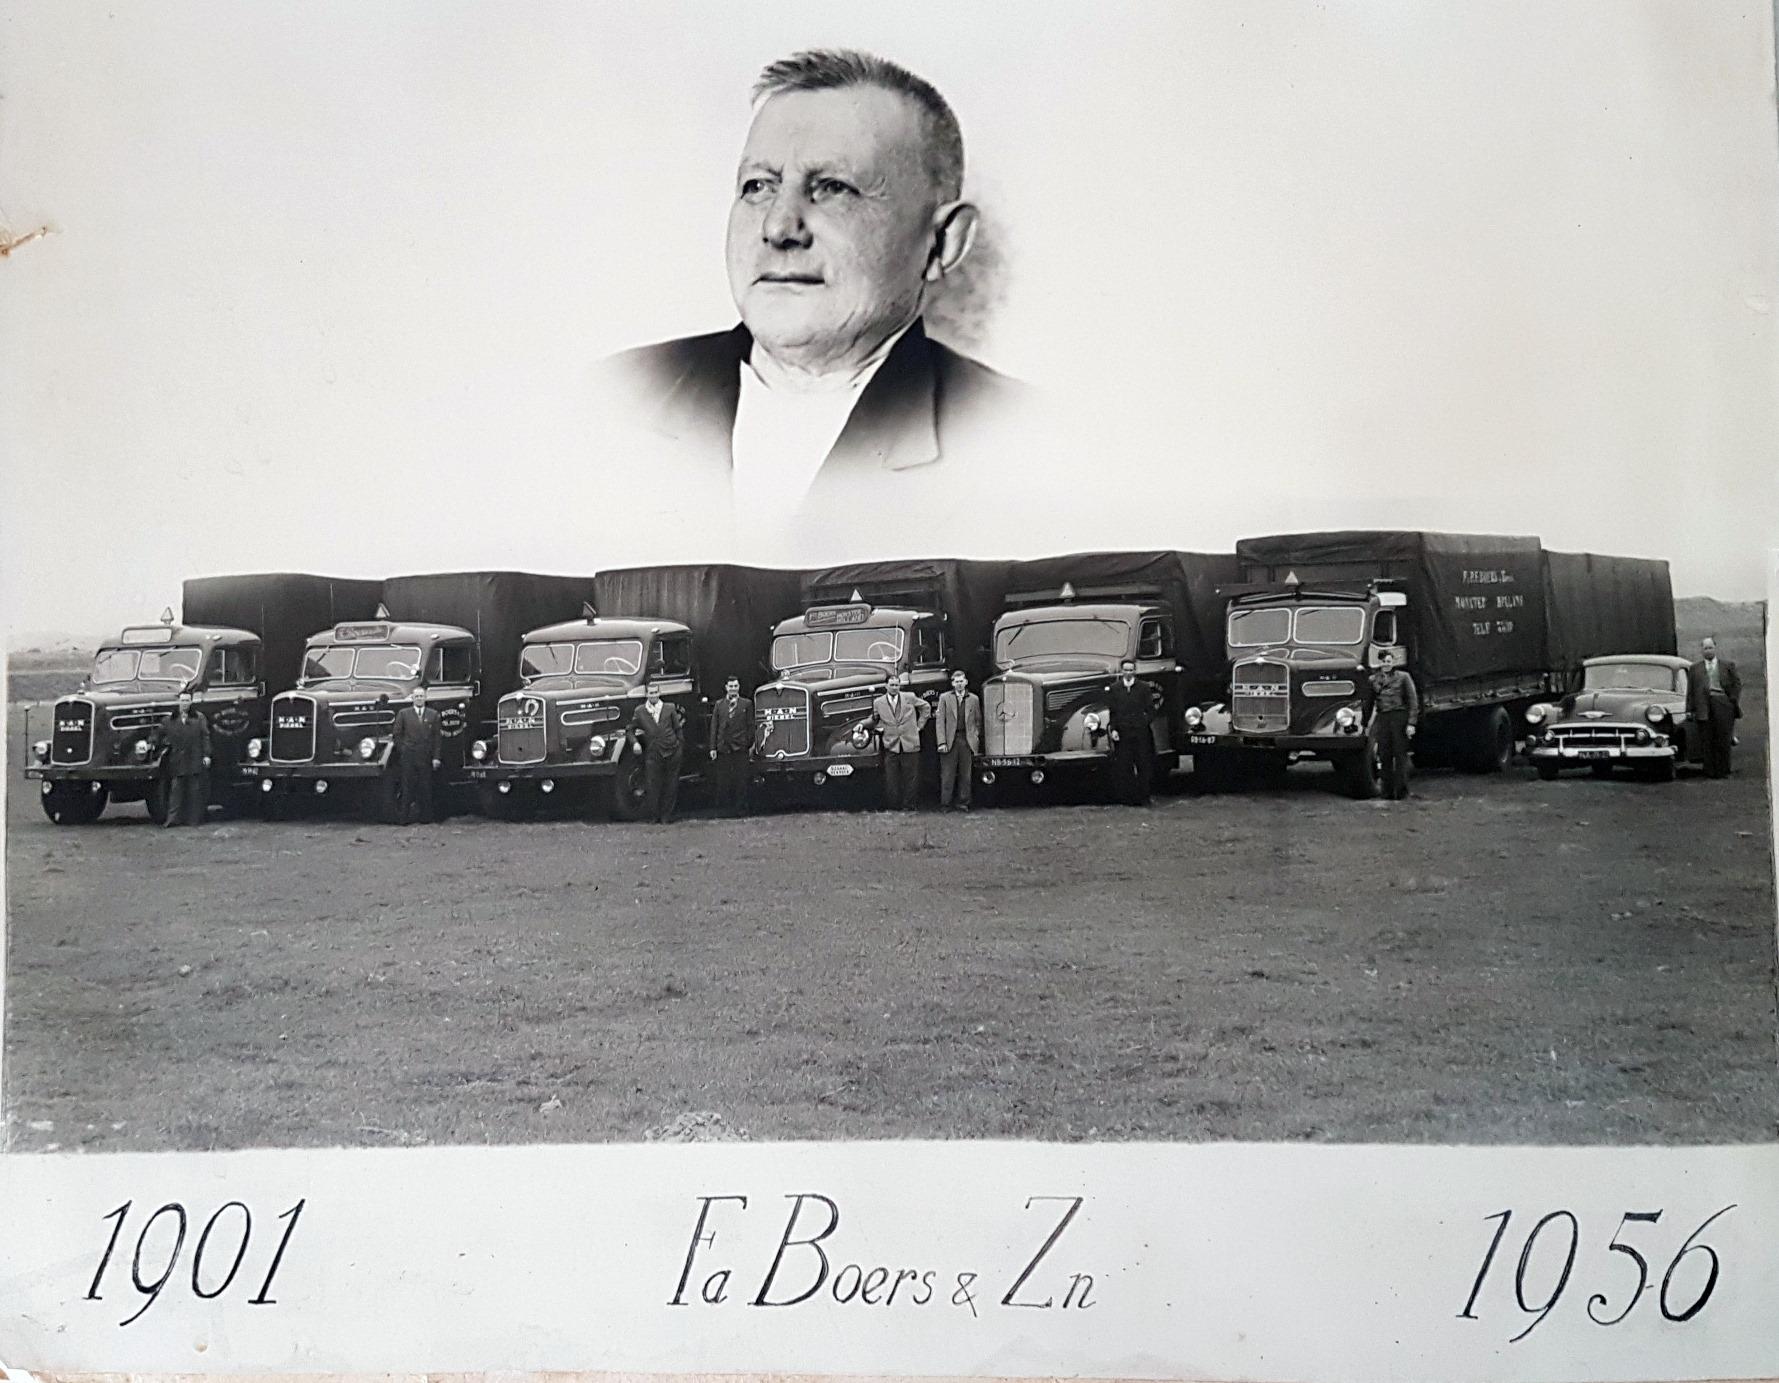 Gerrit-Broers-archief